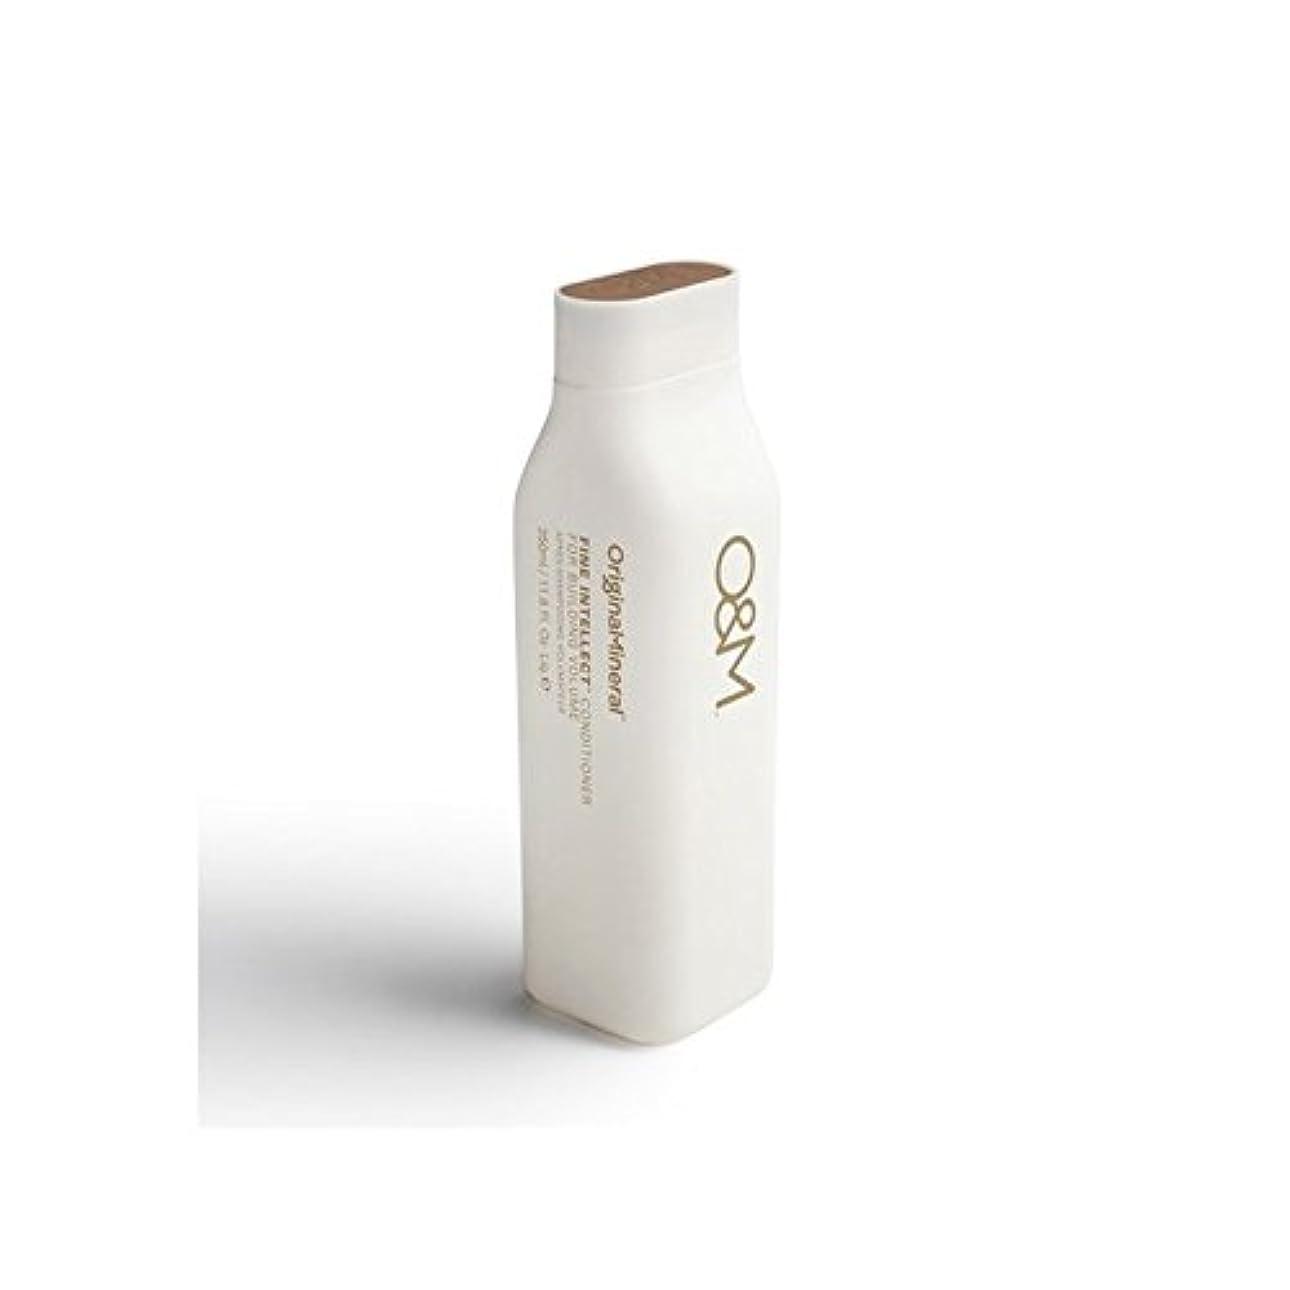 損なう彼らは道Original & Mineral Fine Intellect Conditioner (350ml) - オリジナル&ミネラル細かい知性コンディショナー(350ミリリットル) [並行輸入品]